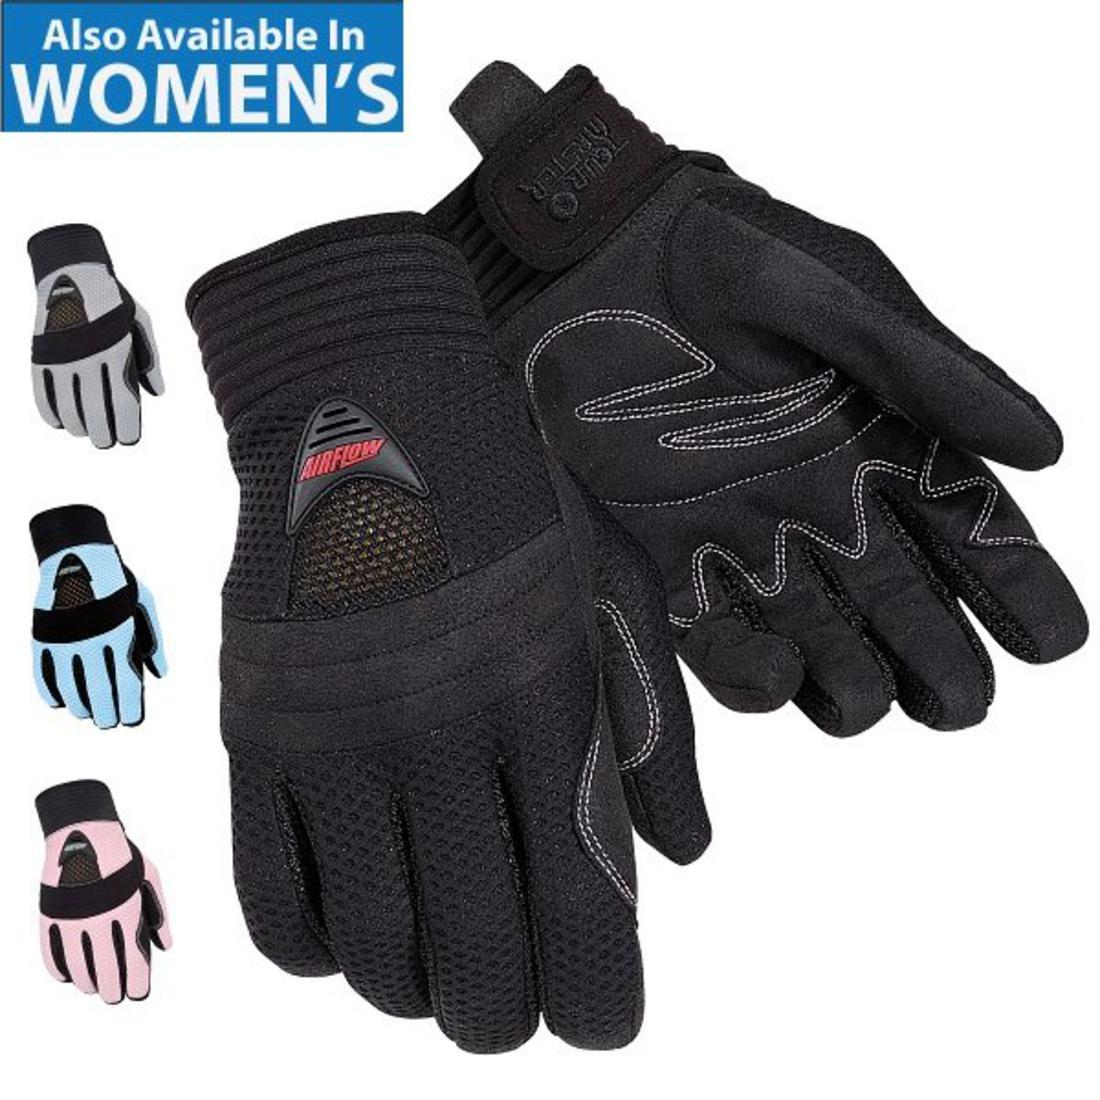 Motorcycle gloves deerskin - Airflow